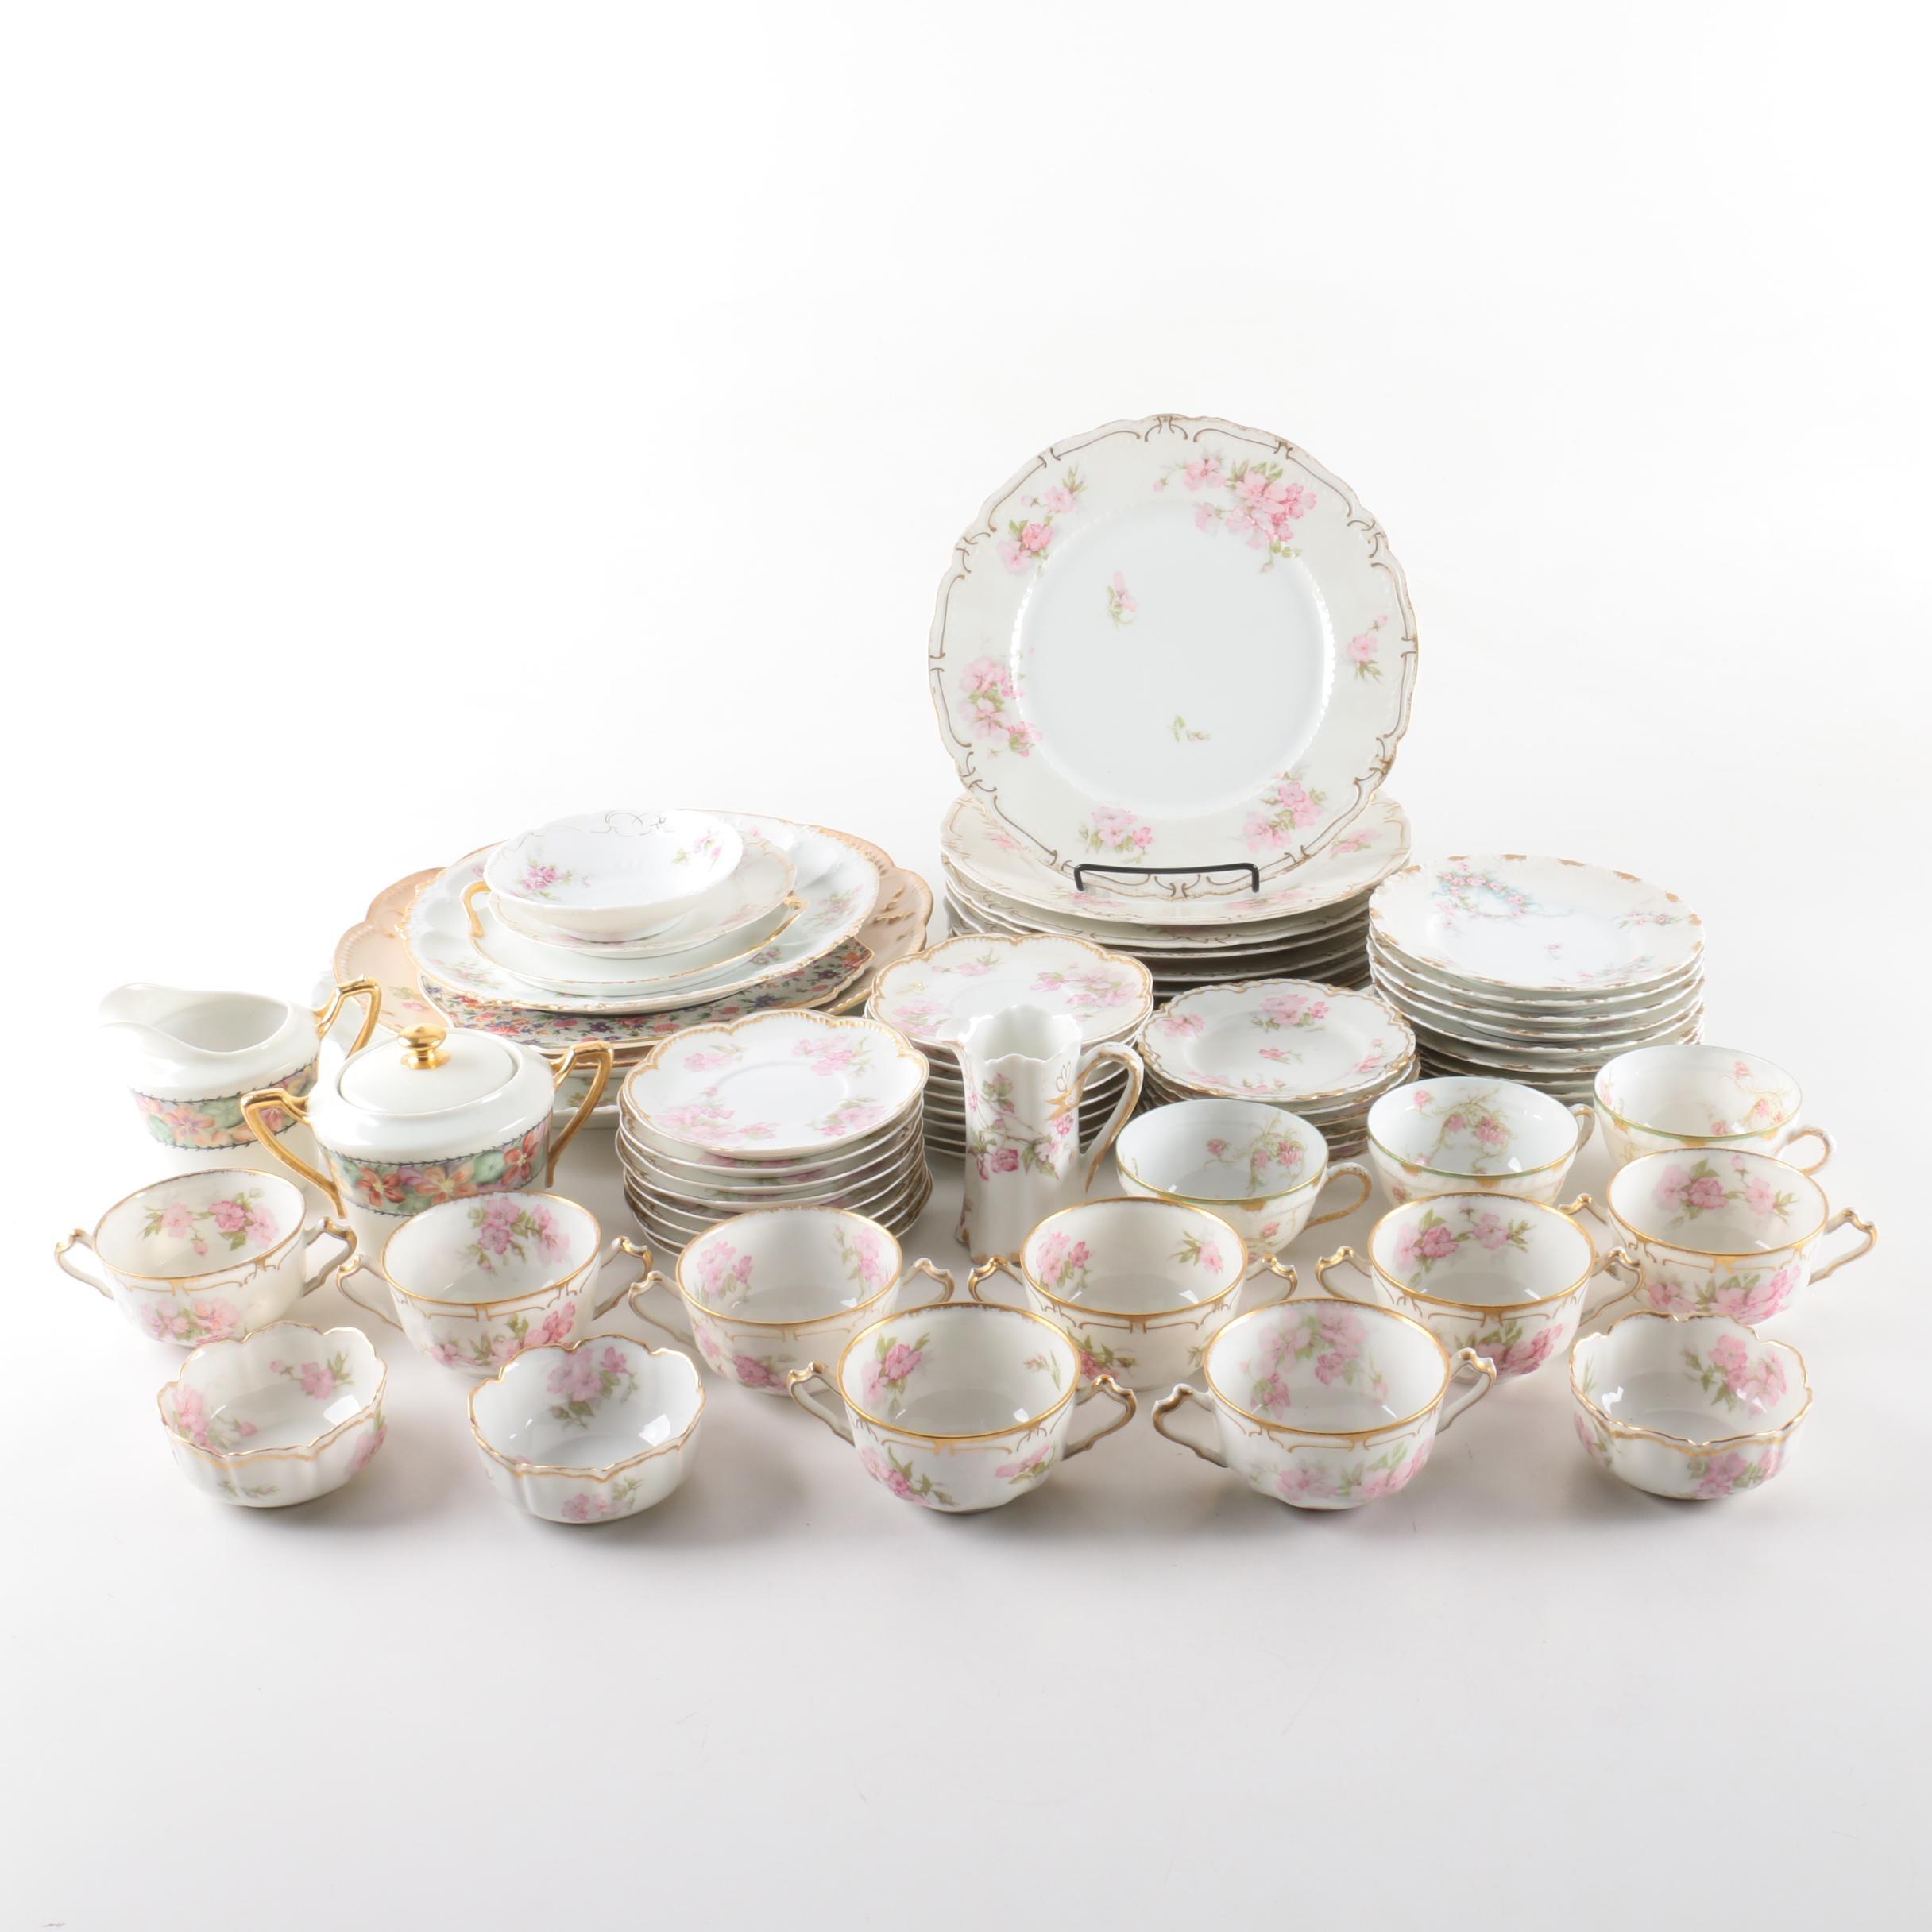 Vintage Haviland Limoges Porcelain Tableware